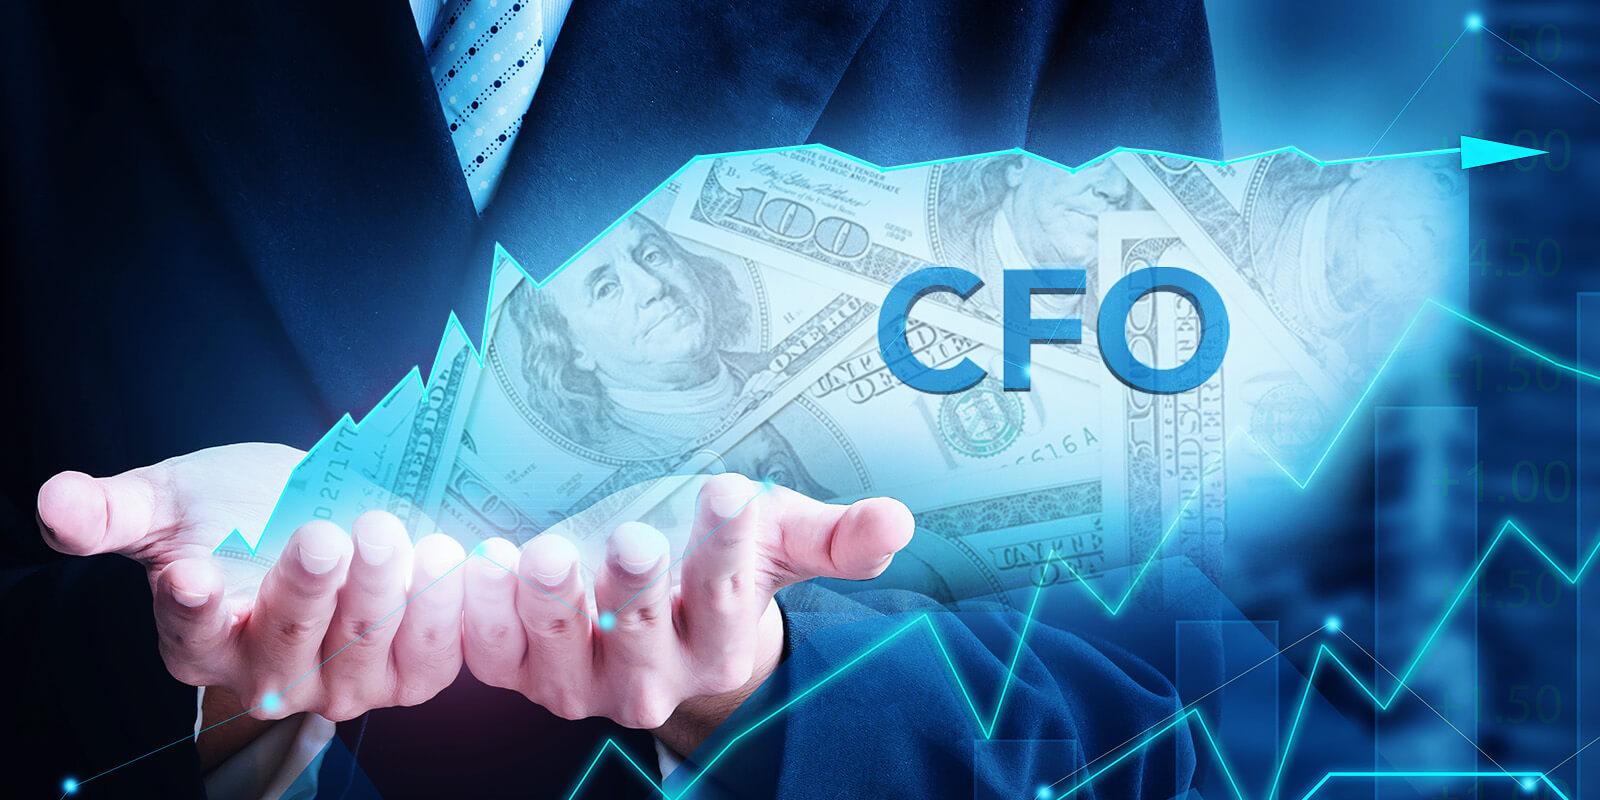 Giám đốc tài chính cần đáp ứng được những yêu cầu nào?